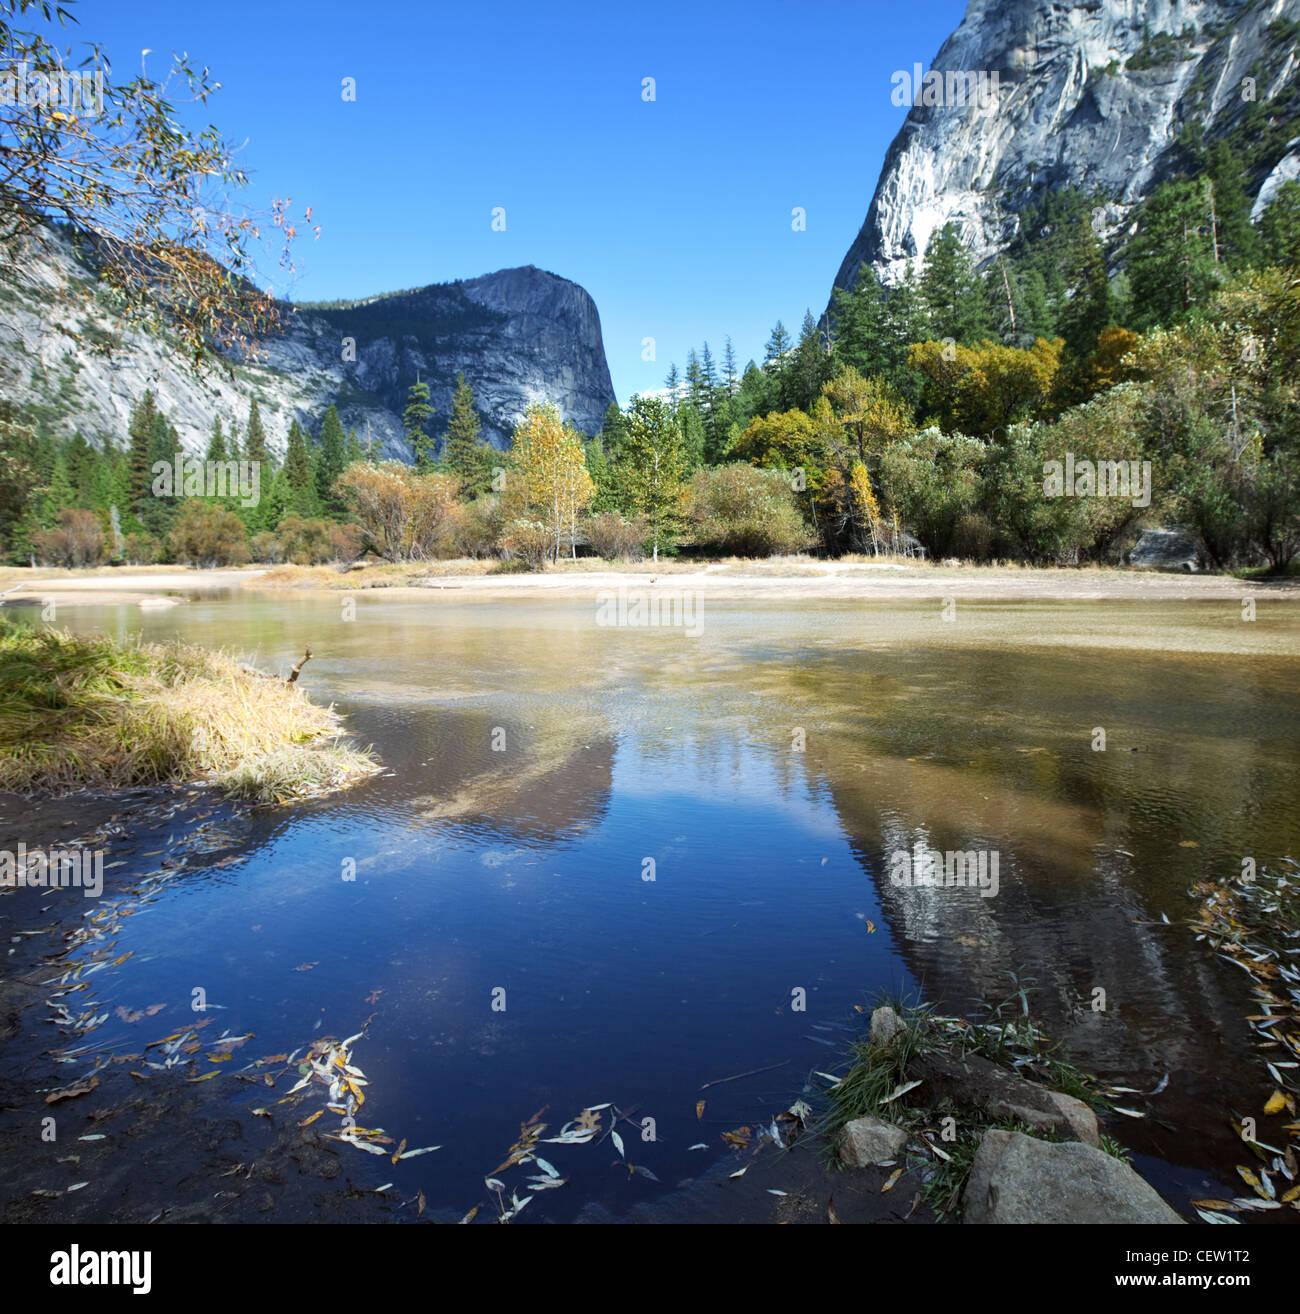 Lago Espejo en el Parque Nacional de Yosemite, EE. UU. Imagen De Stock